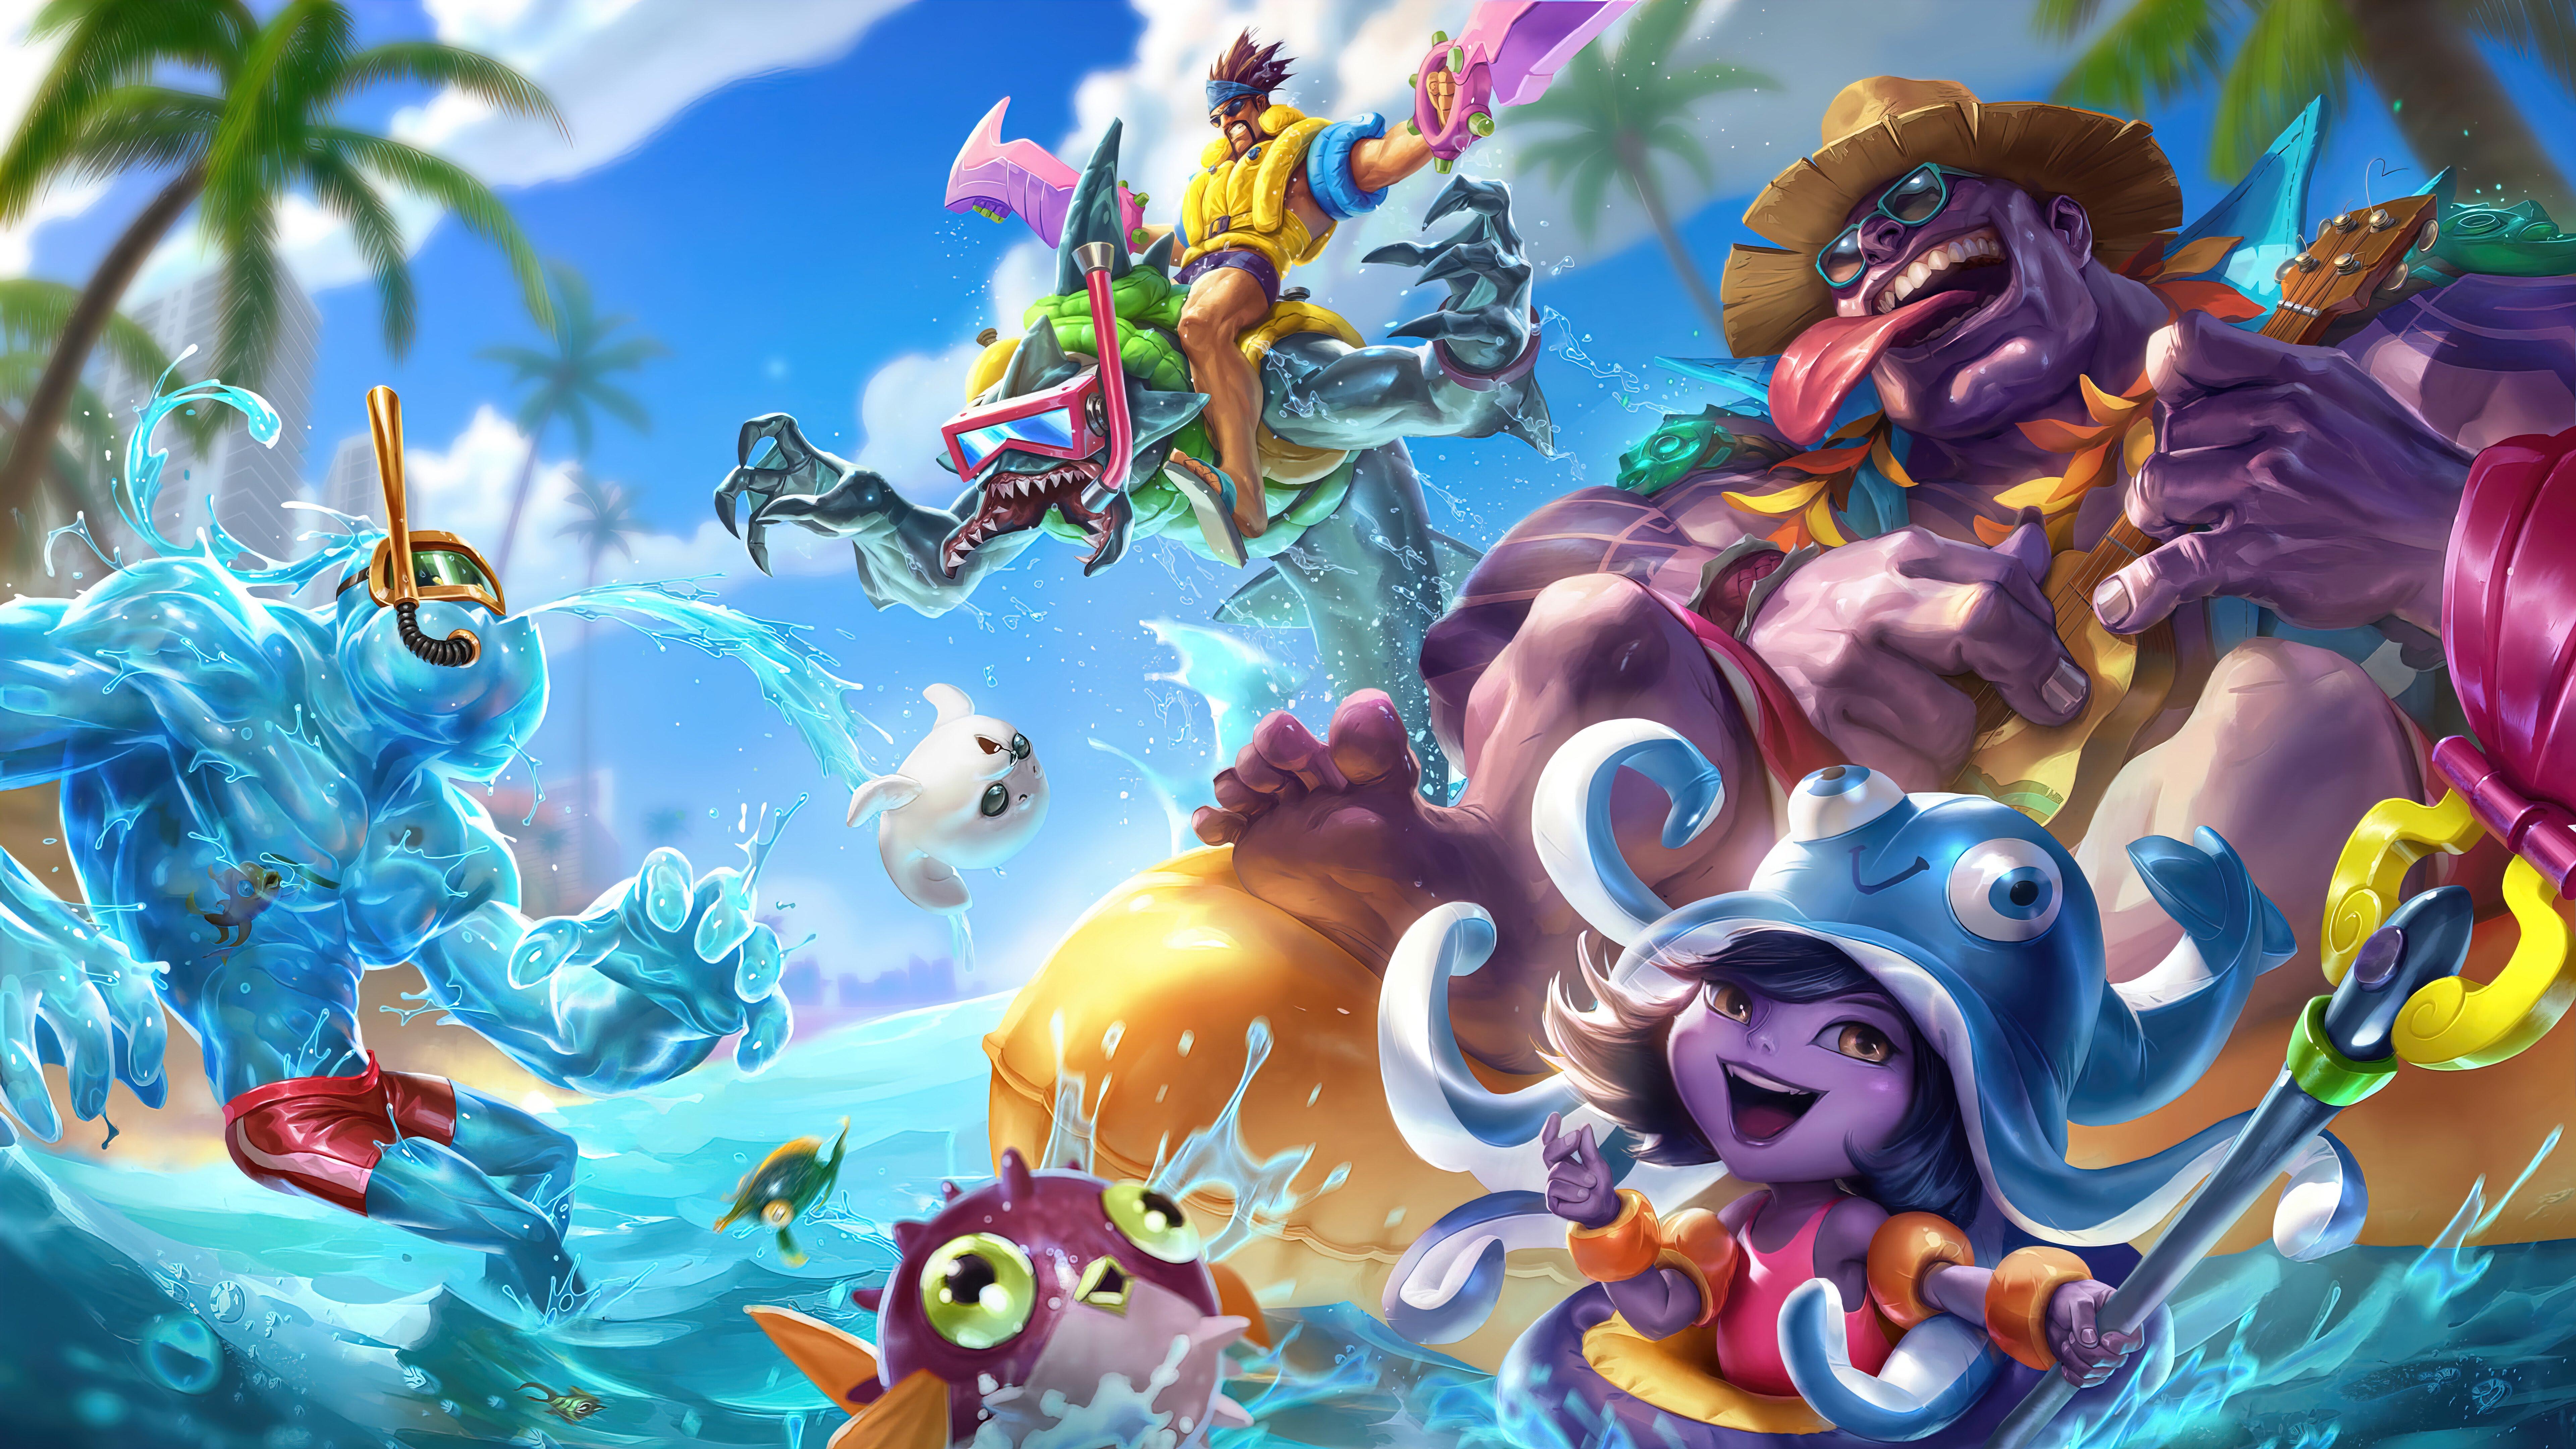 Fondos de pantalla Fiesta en la piscina League of Legends